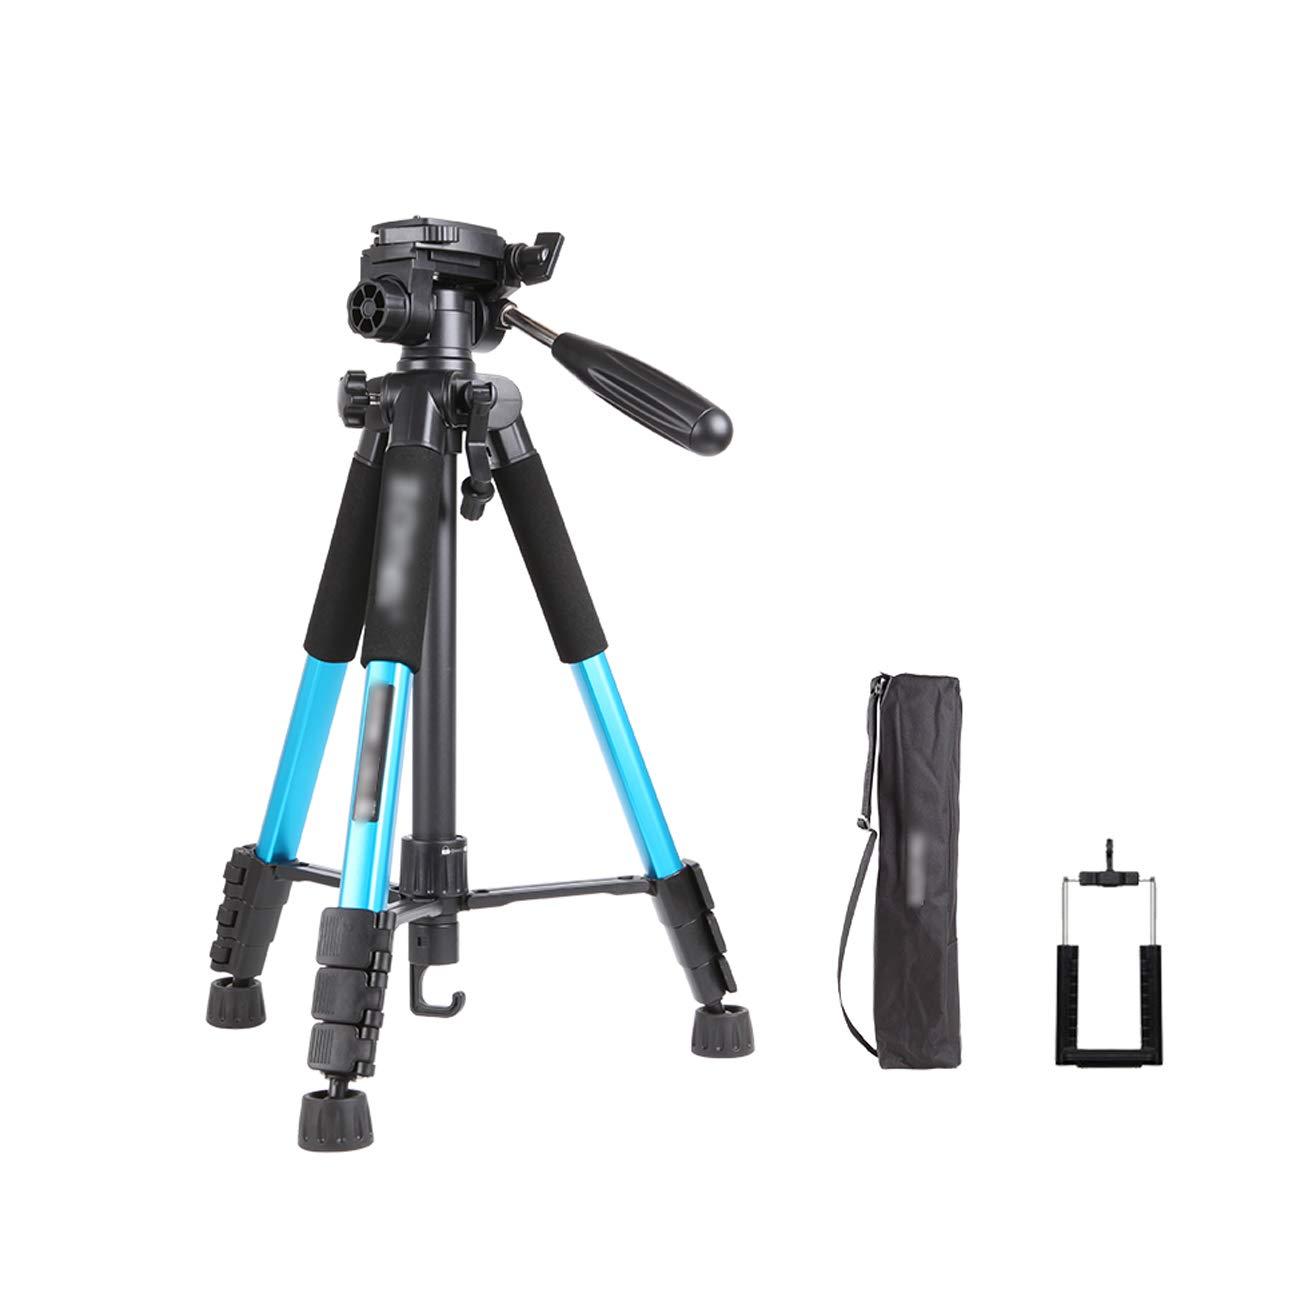 カメラの三脚、ポータブル軽いアルミボディ、旅行屋外写真一眼レフカメラと携帯電話三脚、安全な耐荷重3KG、キャリングケースと携帯電話クリップ、マルチカラーオプション (色 : 青) B07KXS23SQ 青